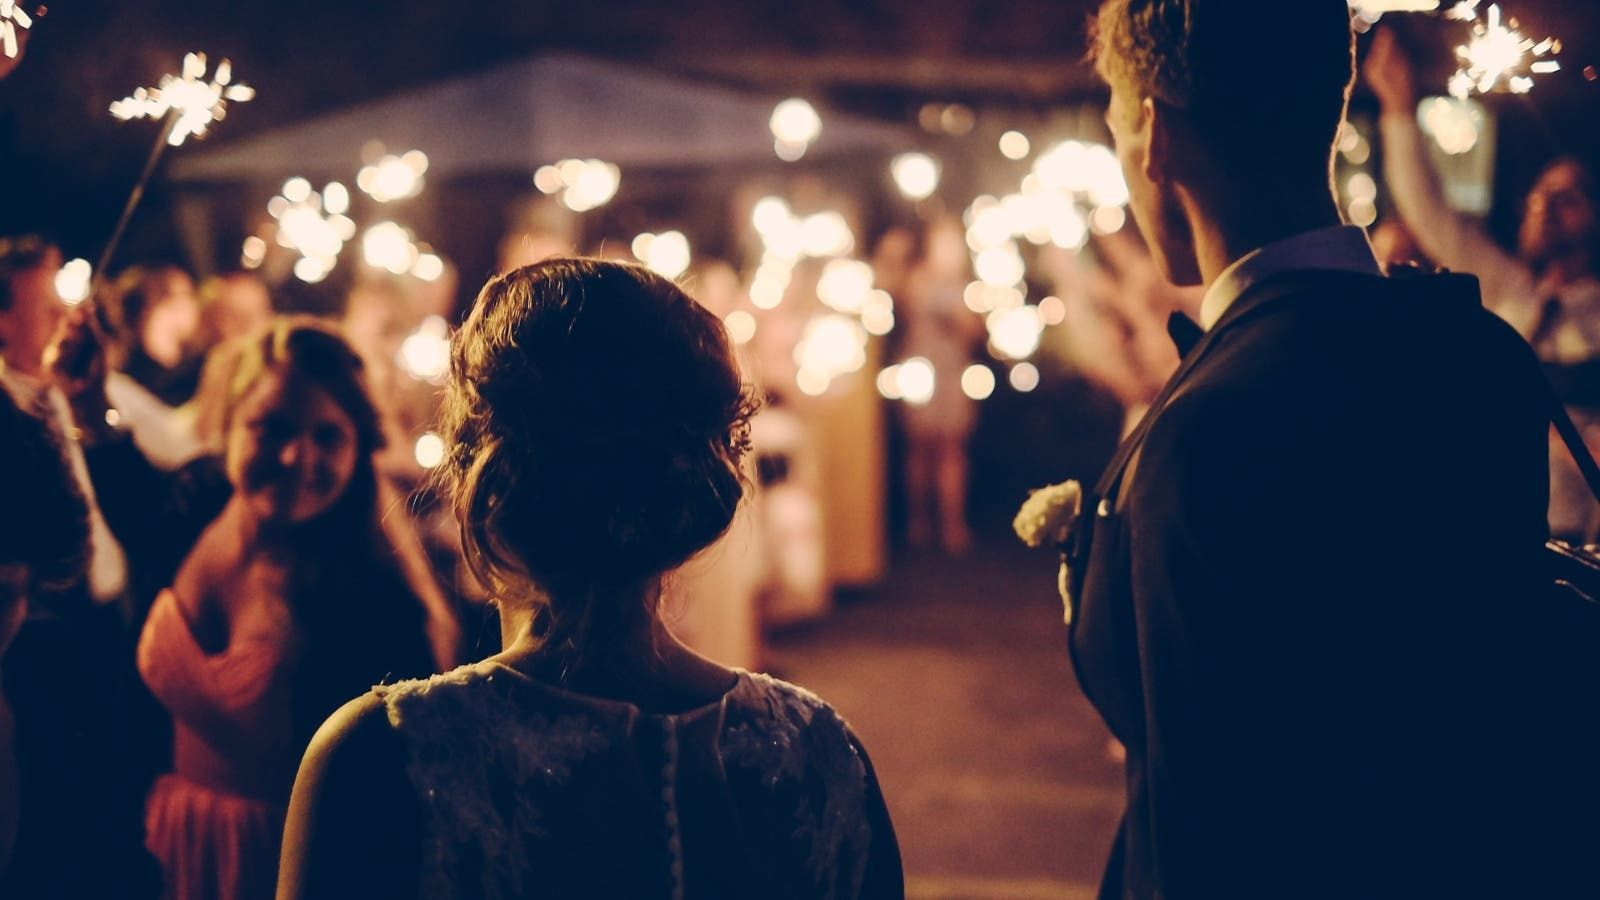 ما تفسير الحلم بالزواج أو الطلاق في المنام Wedding Songs Wedding Humor Professional Wedding Photographer